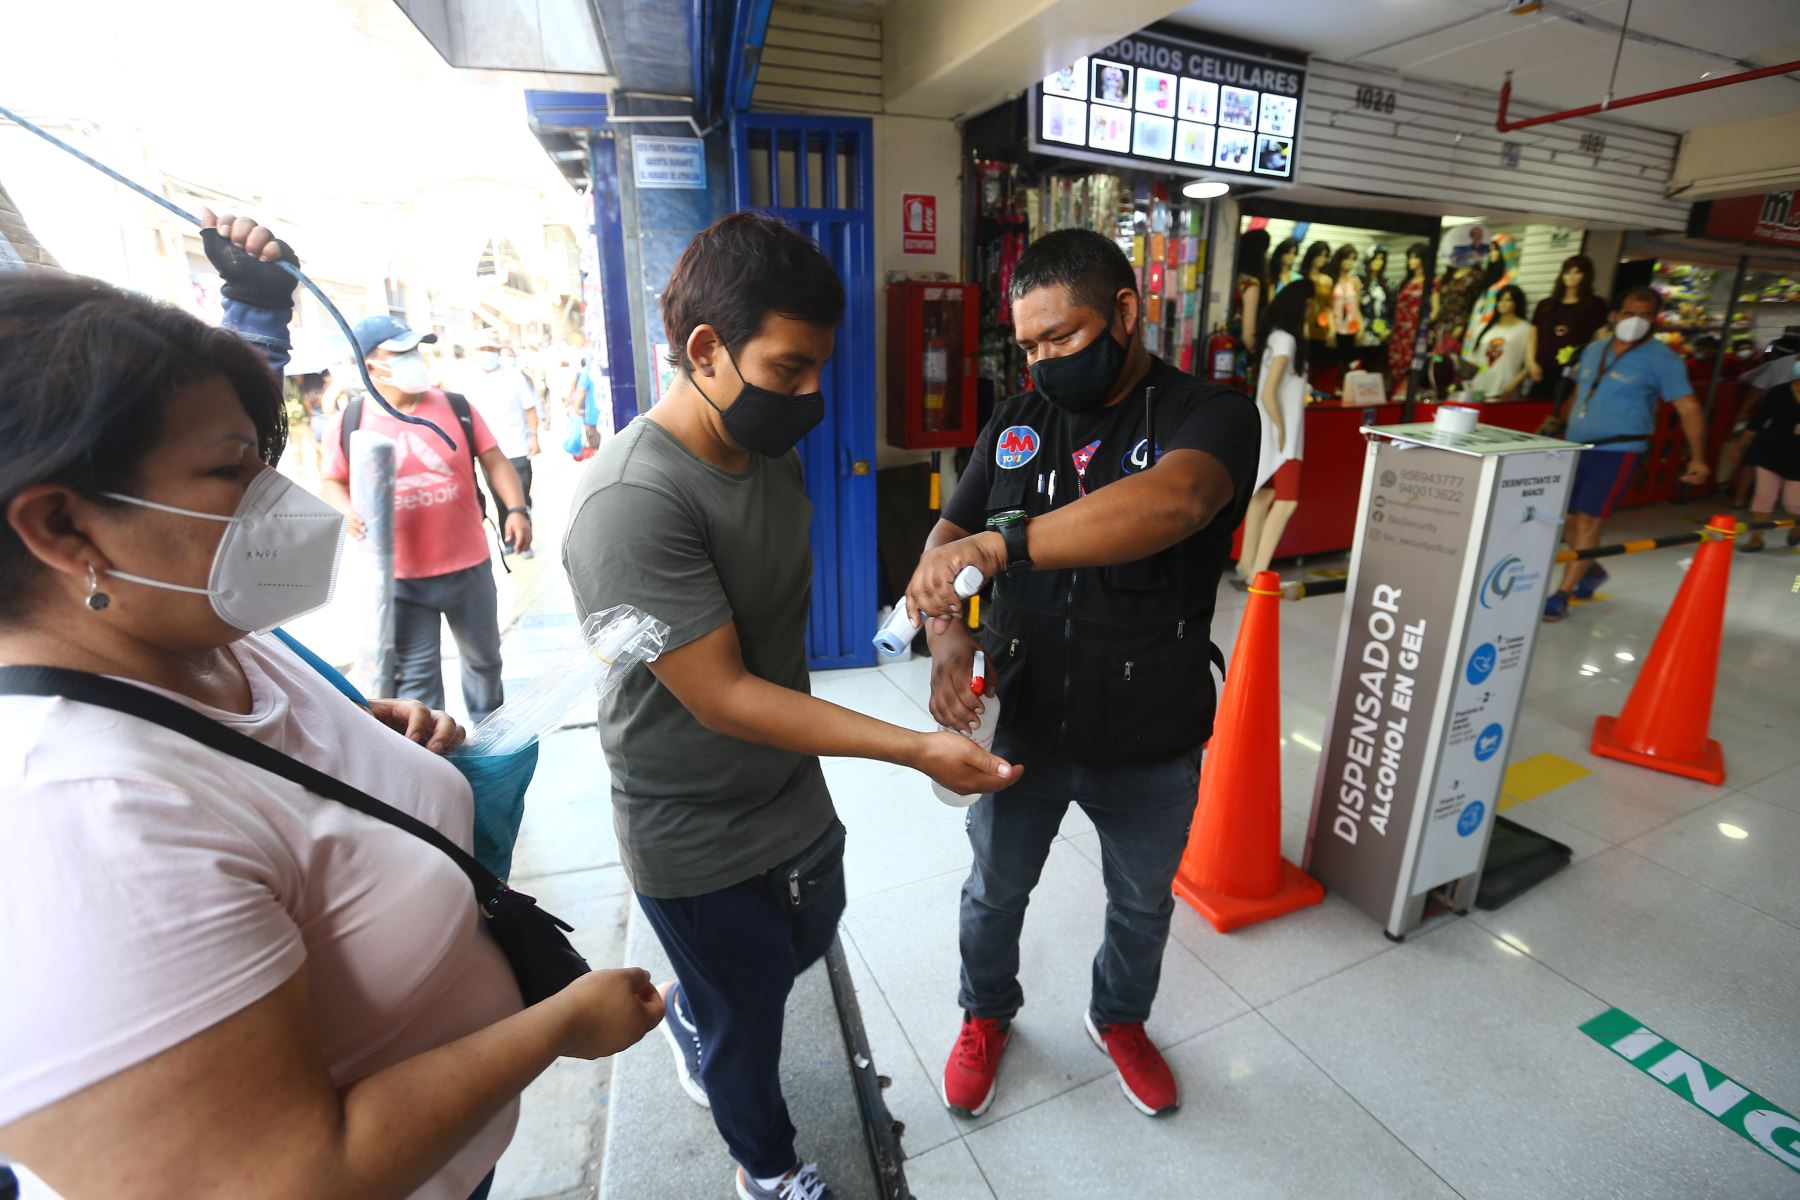 Encargados de la Seguridad controlan la temperatura a los clientes antes de ingresar a las galerias. Foto: ANDINA/Jhonel Rodríguez Robles